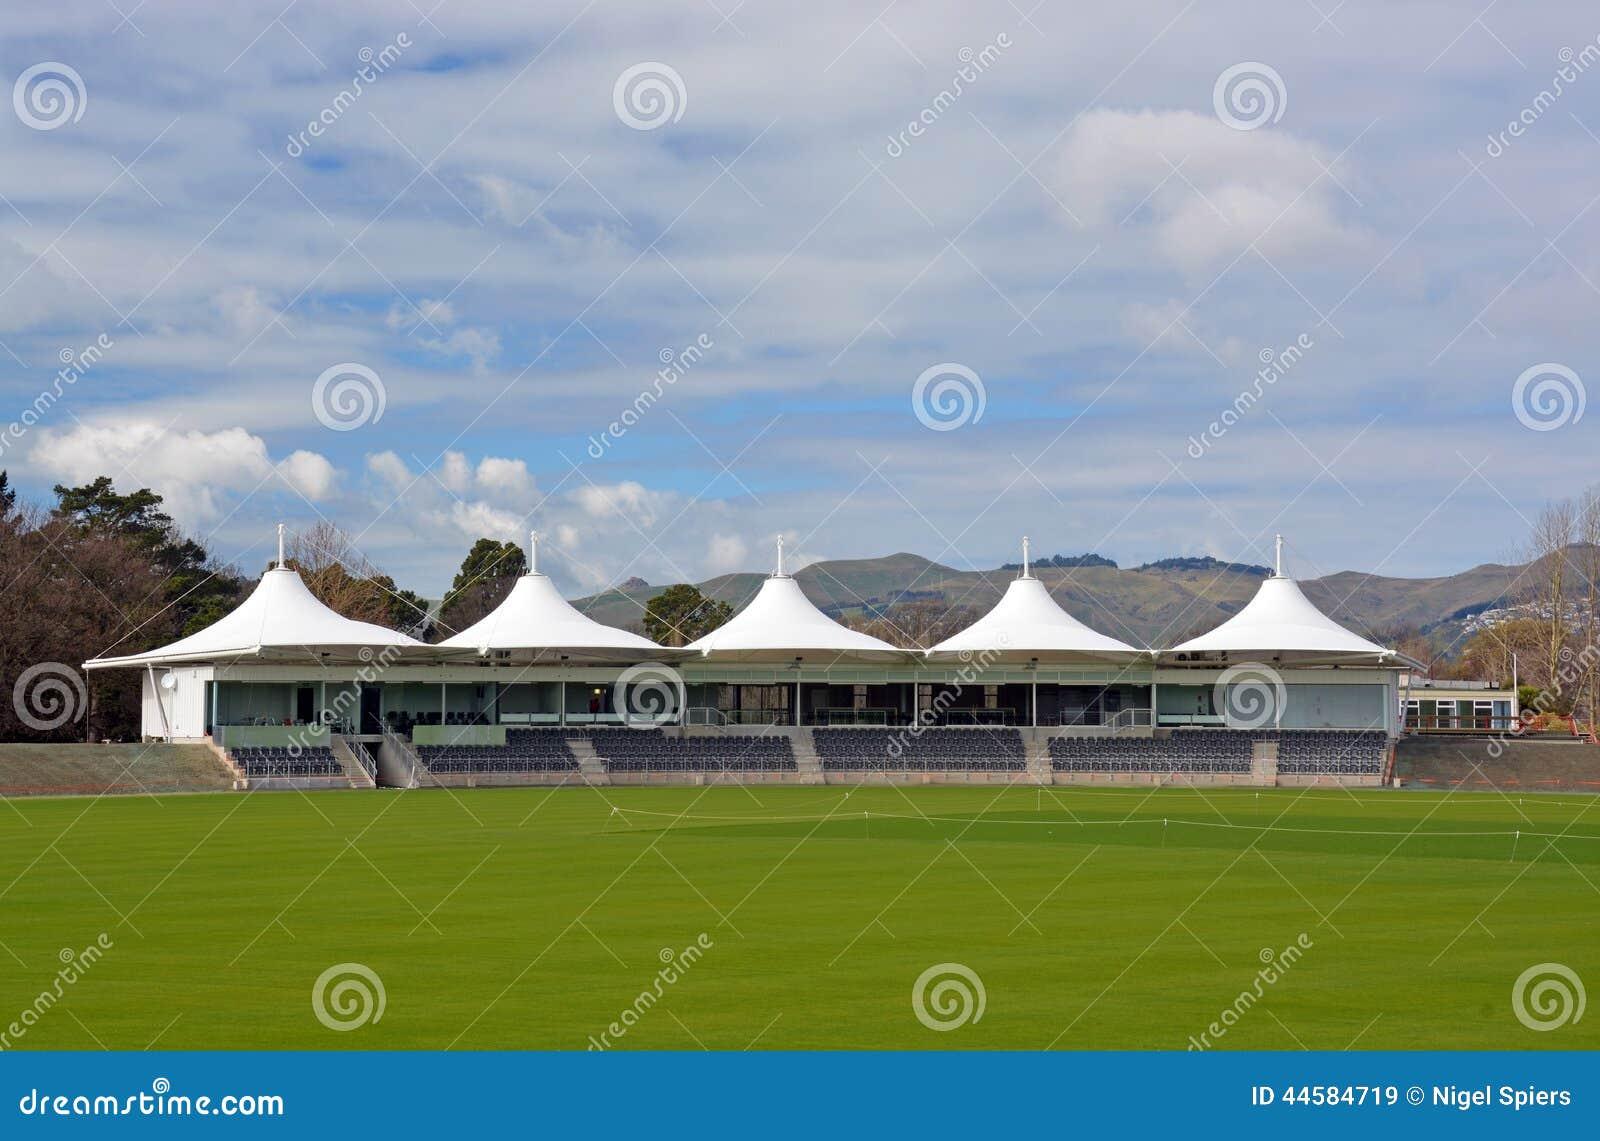 Nuevo pabellón oval del grillo de Hagley abierto en Christchurch